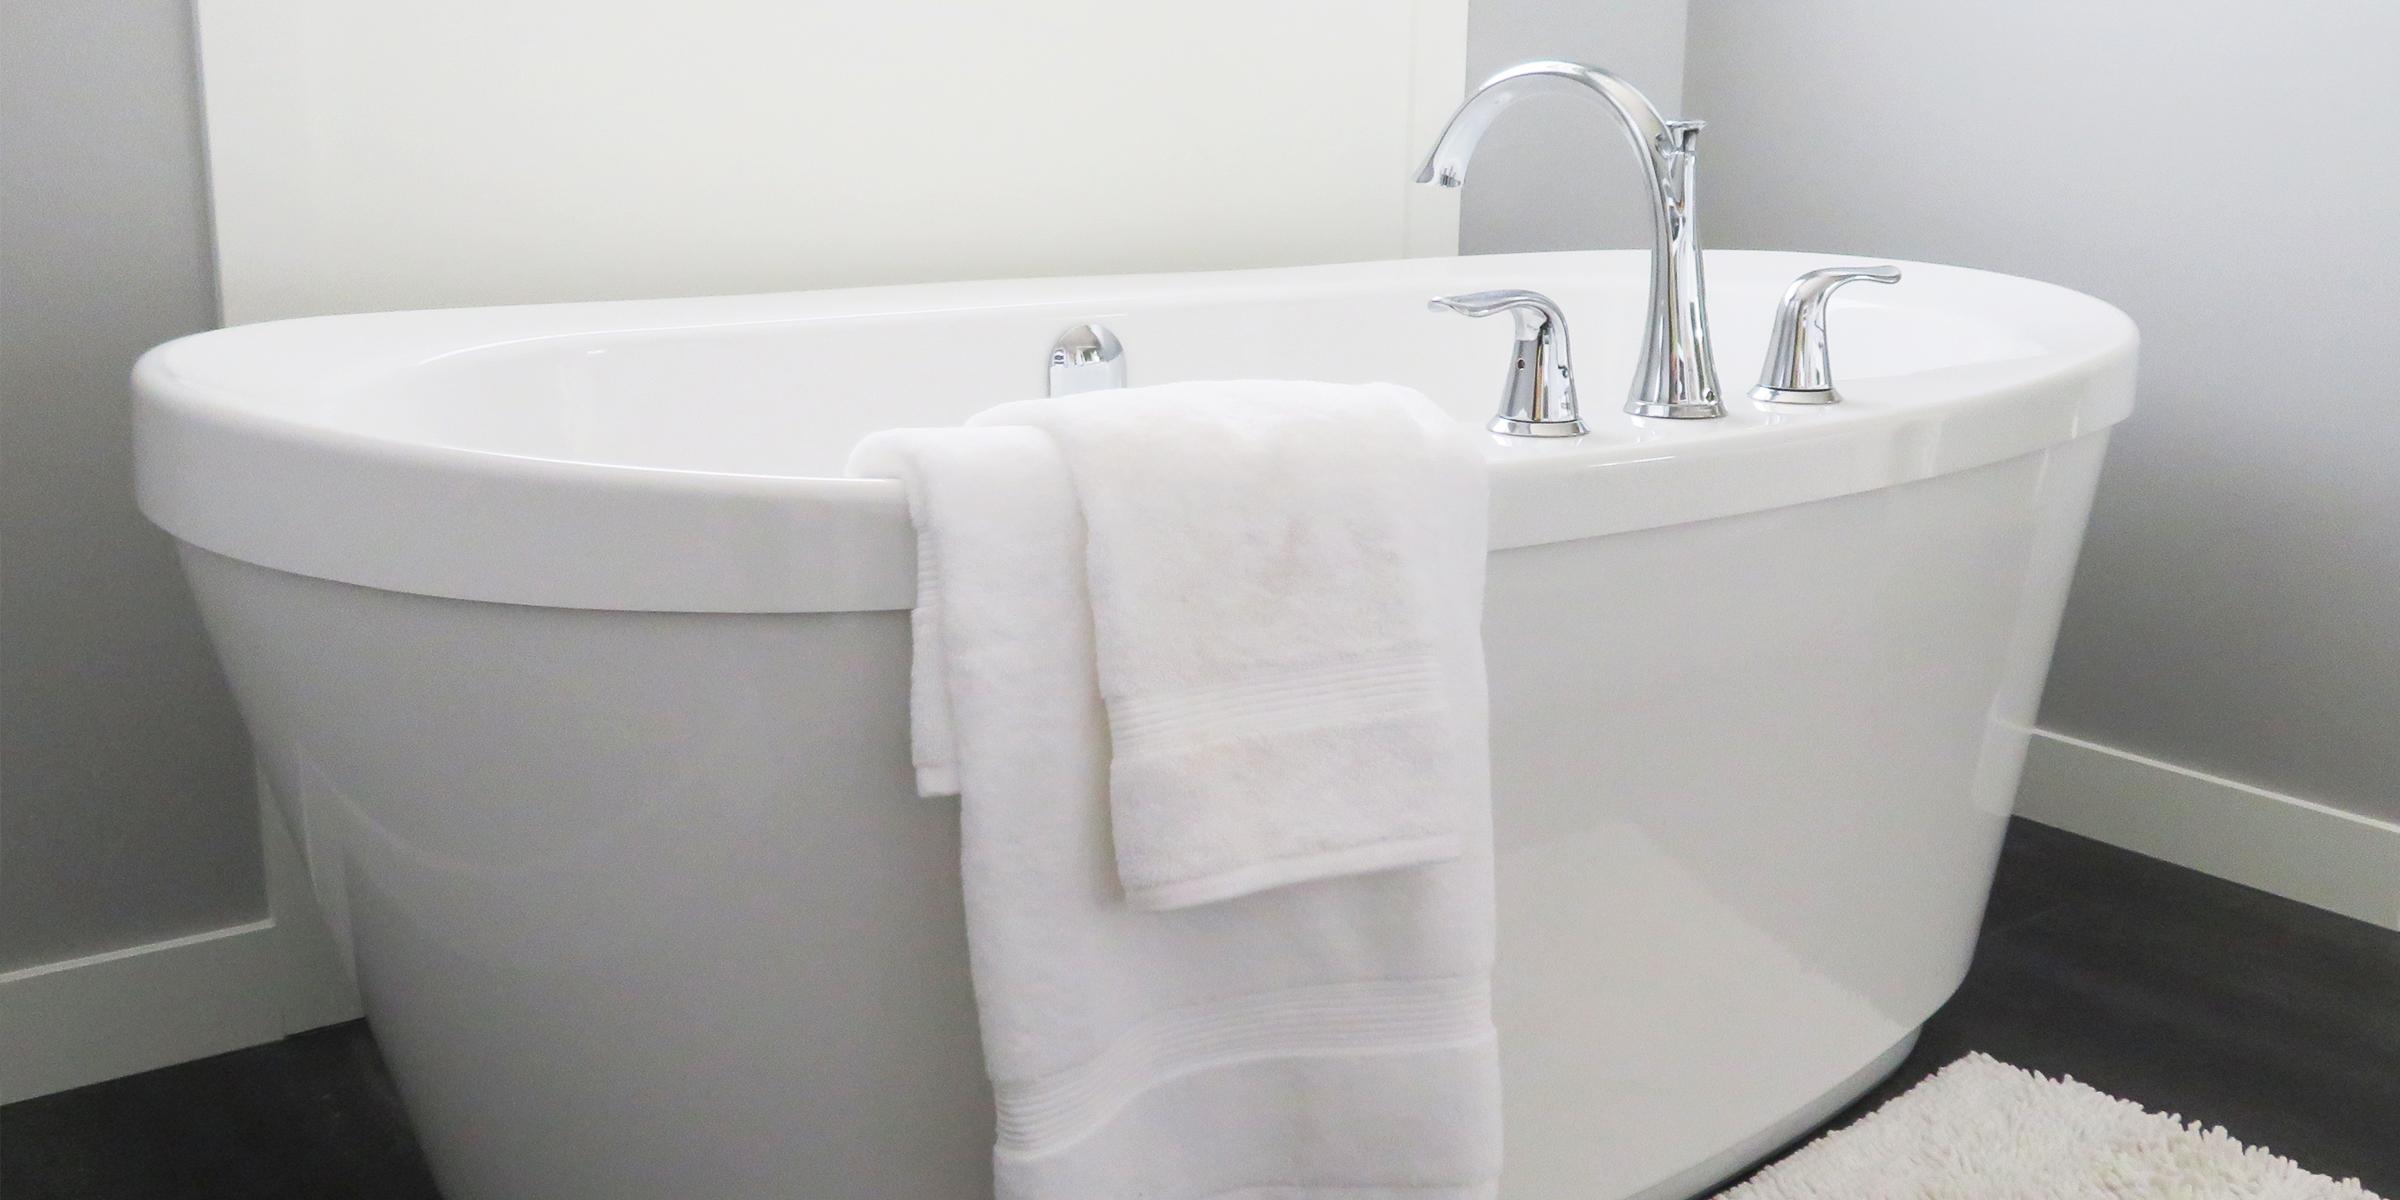 Fluffy white towel hanging on a bath tub